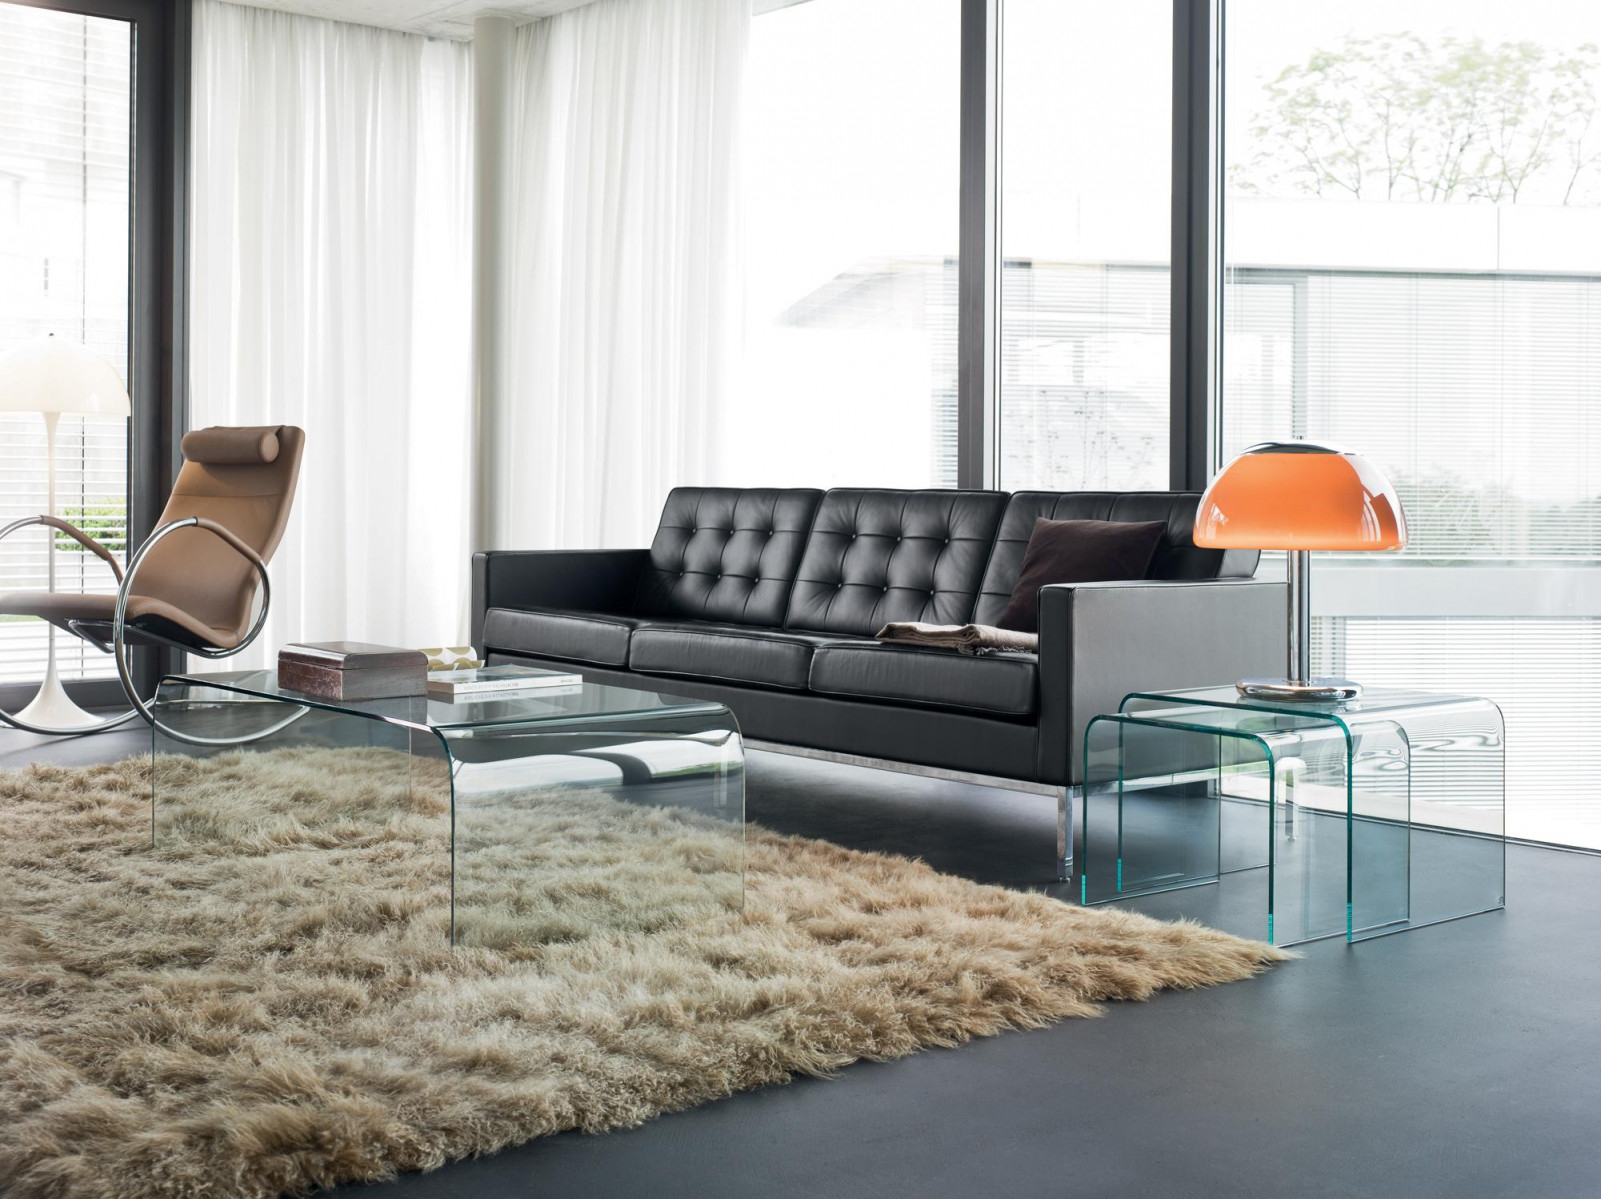 Schwarzes Ledersofa • Bilder  Ideen • Couch von Schwarzer Teppich Wohnzimmer Bild